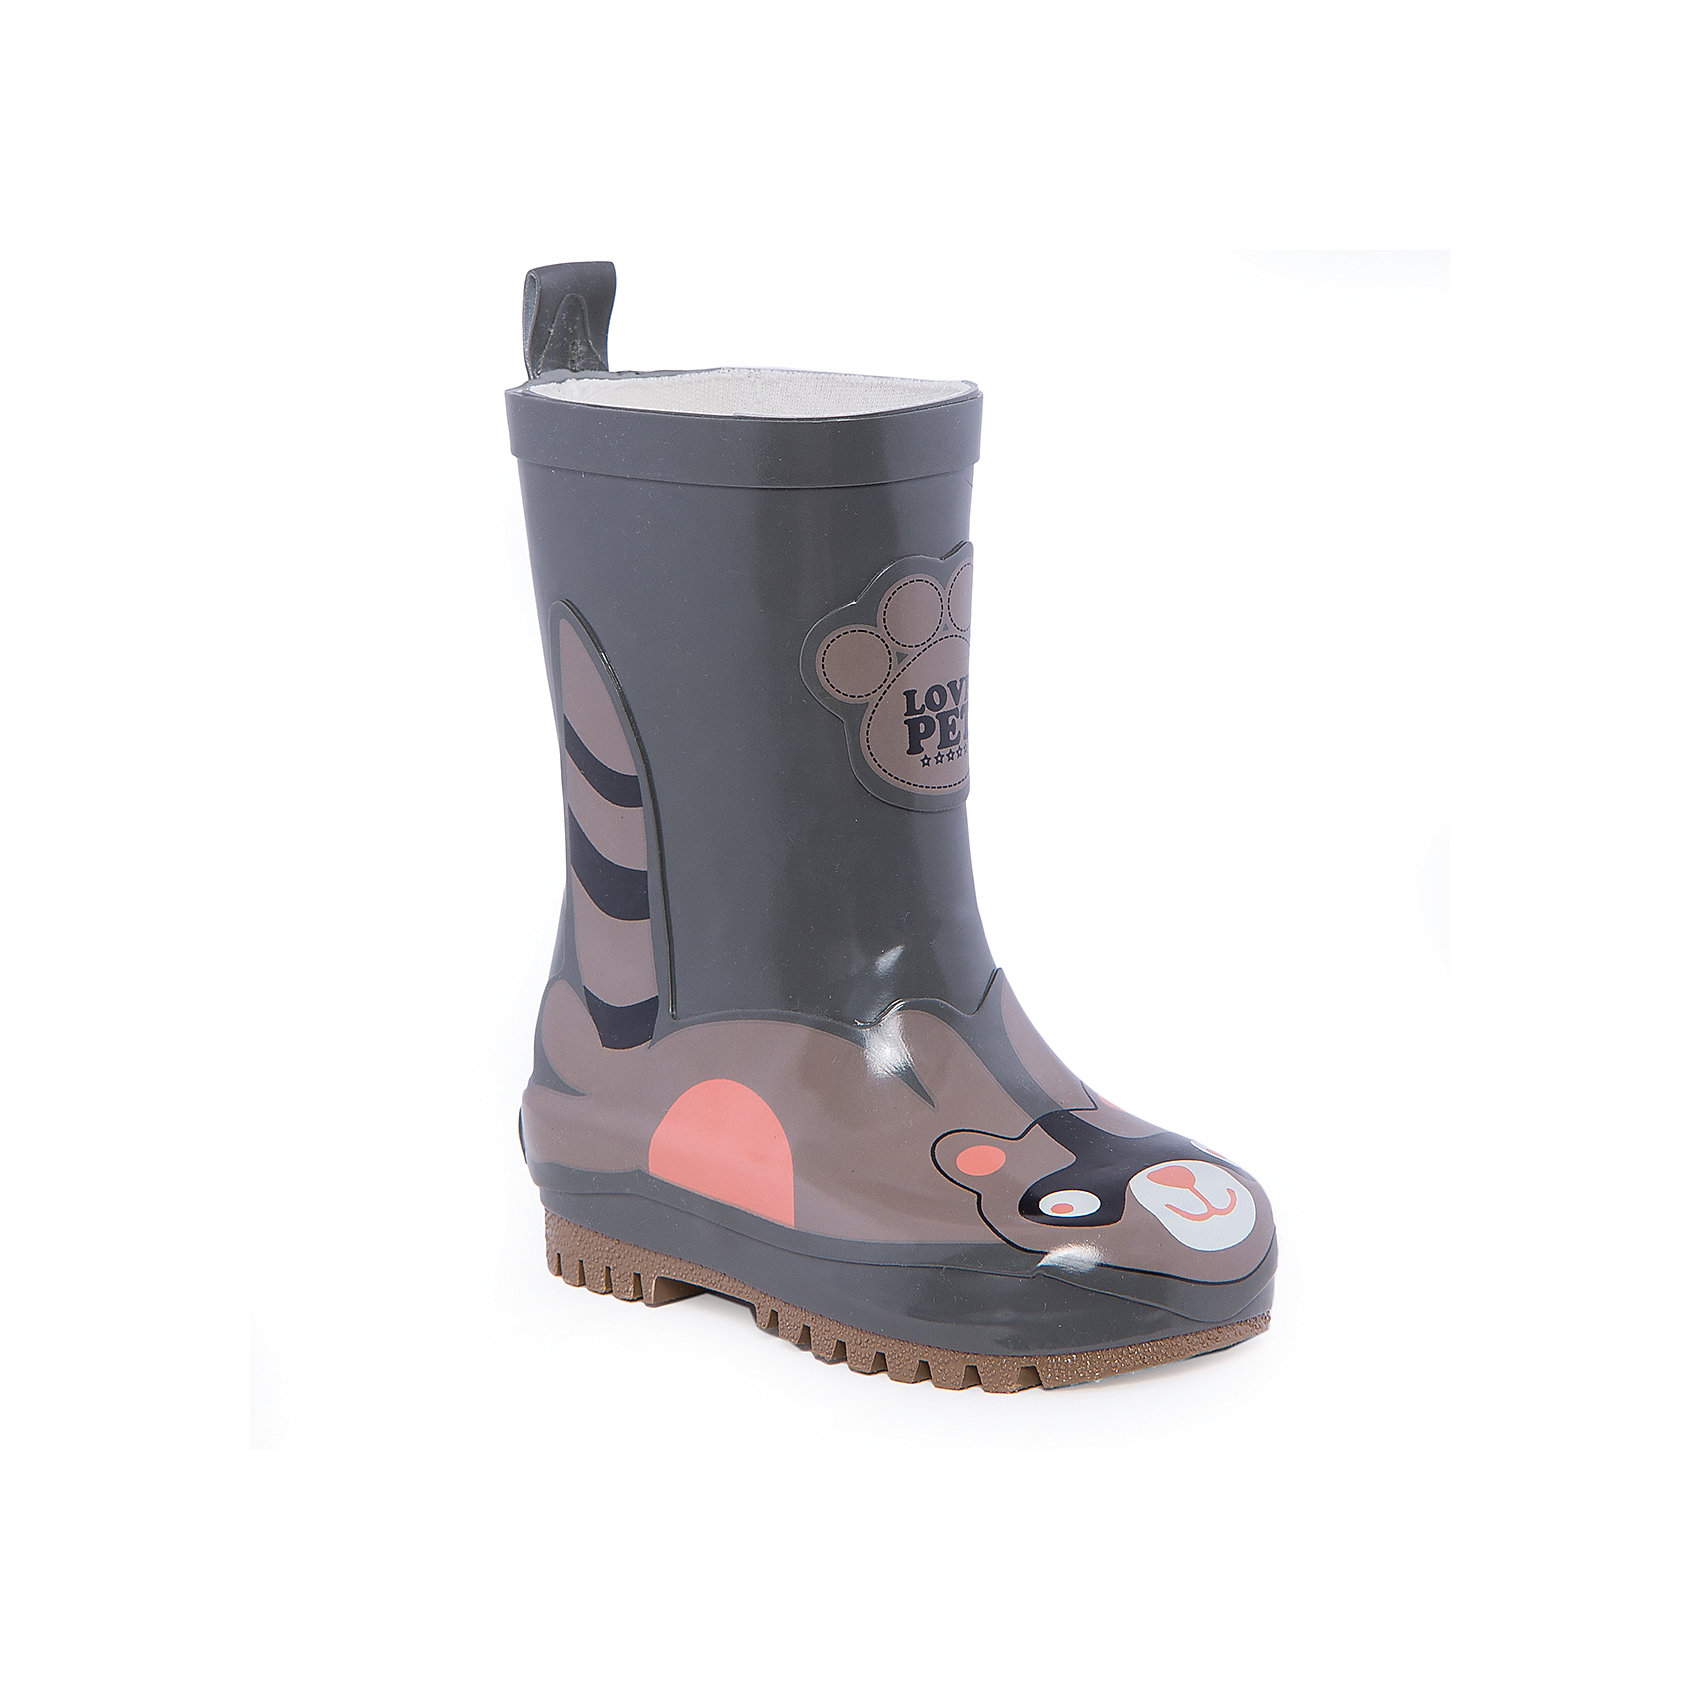 Резиновые сапоги для мальчика BebendorffРезиновые сапоги для мальчика от известного бренда Bebendorff<br><br>Оригинальные резиновые сапоги сделаны из качественной резины. Они позволят защитить ноги ребенка от сырости и обеспечат комфорт. Высокое голенище защитит одежду от грязи и влаги.<br><br>Отличительные особенности модели:<br><br>- цвет: серый;<br>- удобная форма;<br>- высокое голенище;<br>- качественные материалы;<br>- толстая устойчивая подошва;<br>- хлопковая подкладка;<br>- декорированы принтом енот;<br>- подошва рифленая.<br><br>Дополнительная информация:<br><br>Температурный режим: от + 5° С до + 20° С.<br><br>Состав:<br>верх - резина;<br>подкладка - хлопок;<br>стелька - хлопок;<br>подошва - резина.<br><br>Резиновые сапоги для мальчика Bebendorff (Бебендорф) можно купить в нашем магазине.<br><br>Ширина мм: 237<br>Глубина мм: 180<br>Высота мм: 152<br>Вес г: 438<br>Цвет: серый<br>Возраст от месяцев: 72<br>Возраст до месяцев: 84<br>Пол: Мужской<br>Возраст: Детский<br>Размер: 30,20,21,23,24,26,27,29,31,28,25,22<br>SKU: 4554598